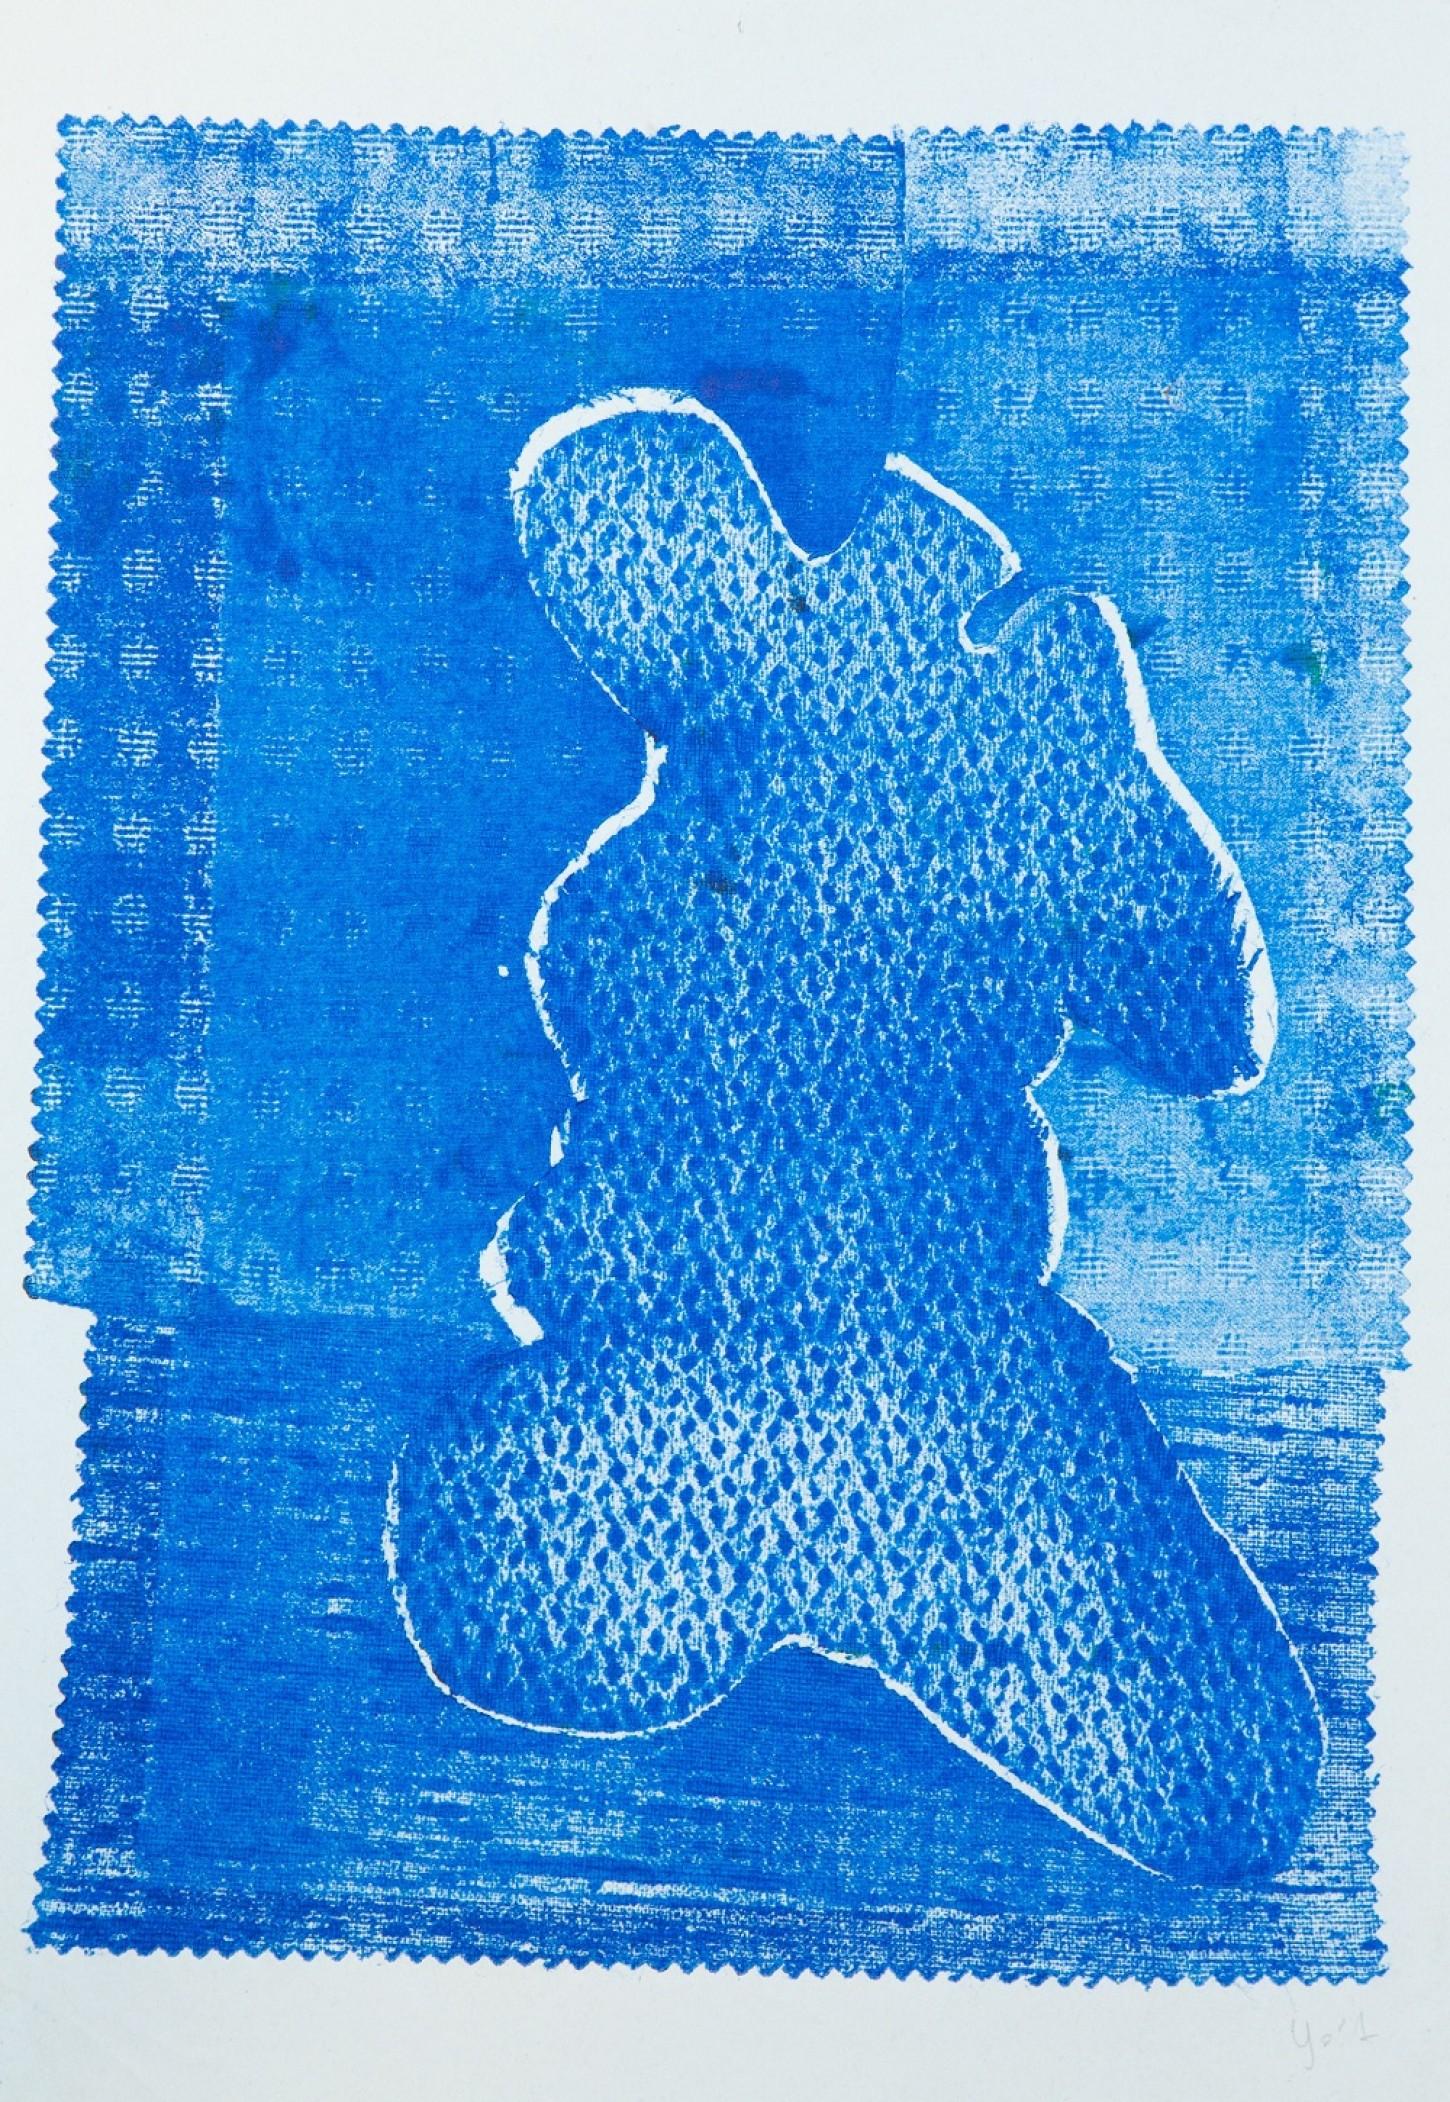 Gravure Impression tissus sur papier 2/2 21 x 29.7cm